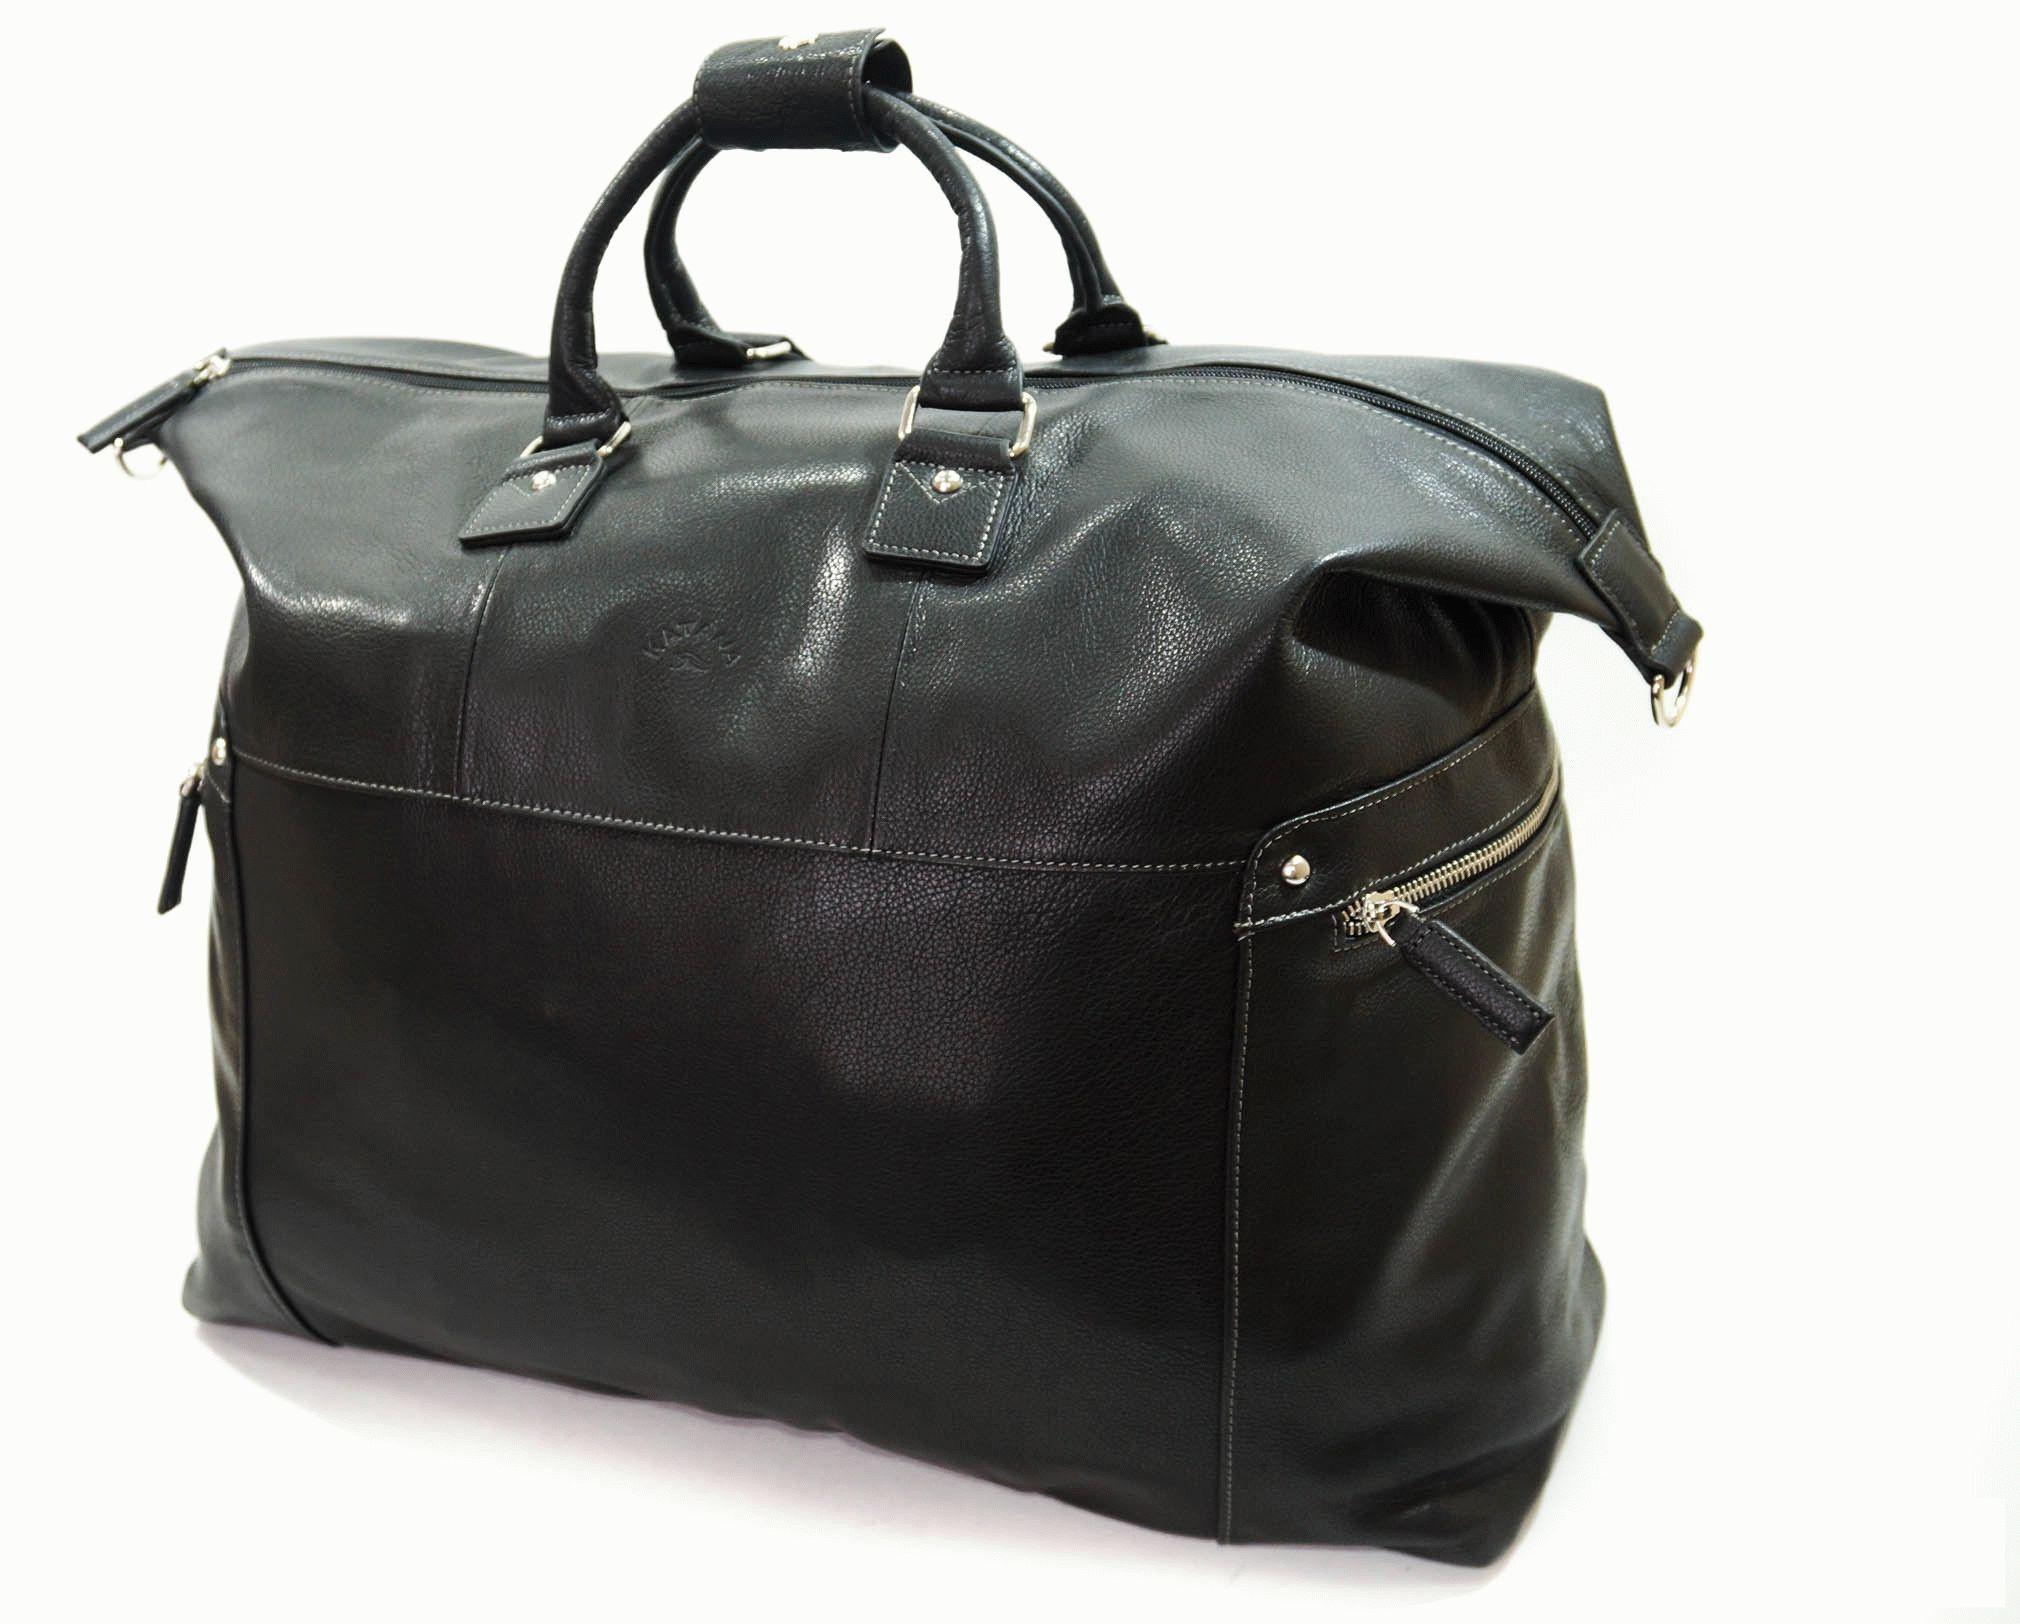 d599bf29d013 Кожаная дорожная сумка KATANA Размер: 50x32x20 см Цвет: черный Материал:  телячья кожа Стильная и вместительная дорожная сумка из натуральной кожи.